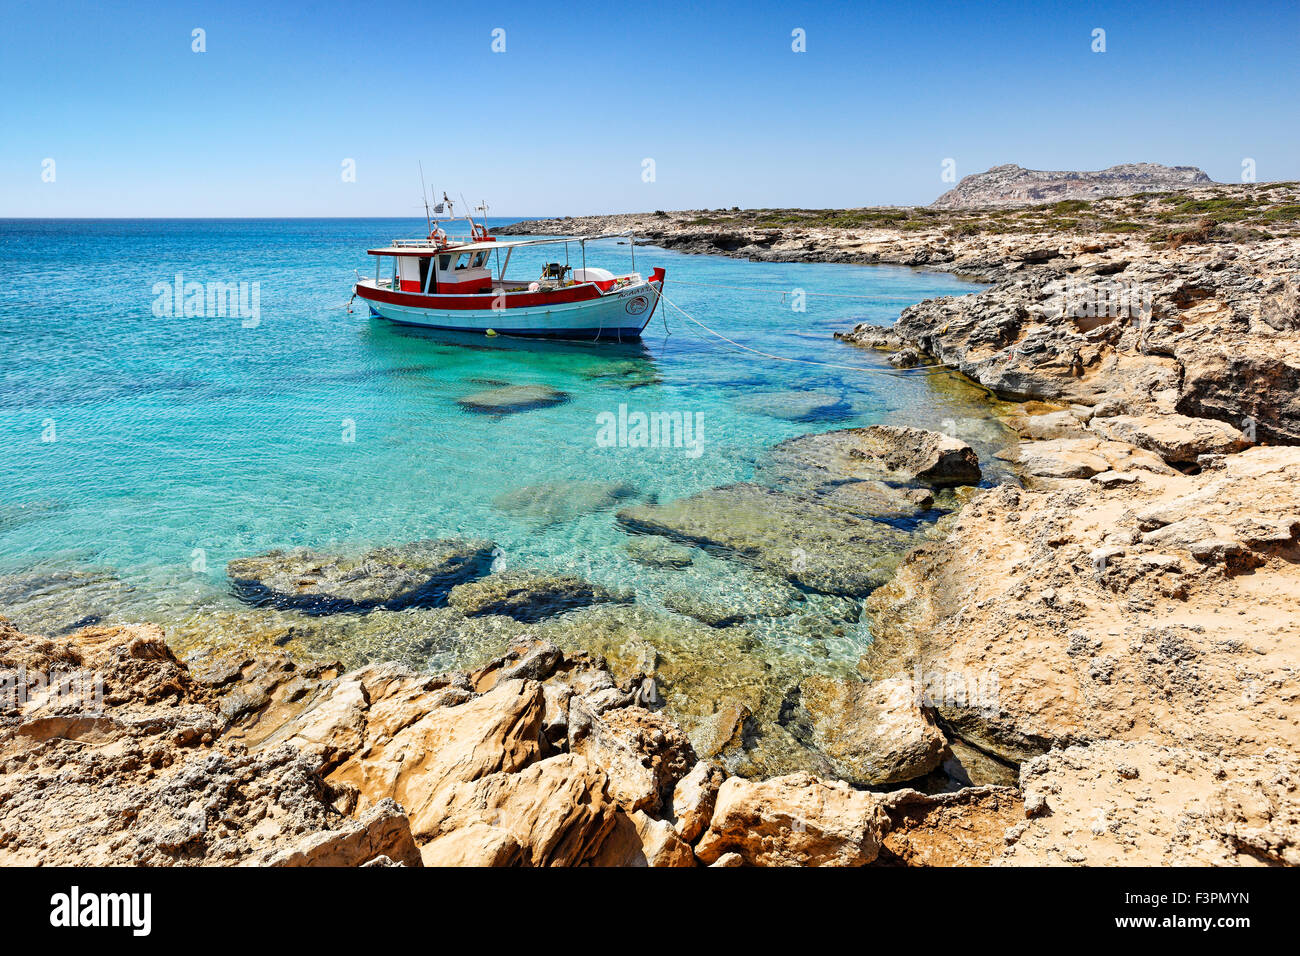 Ein Fischerboot in der Nähe von Diakofti in Karpathos, Griechenland Stockbild